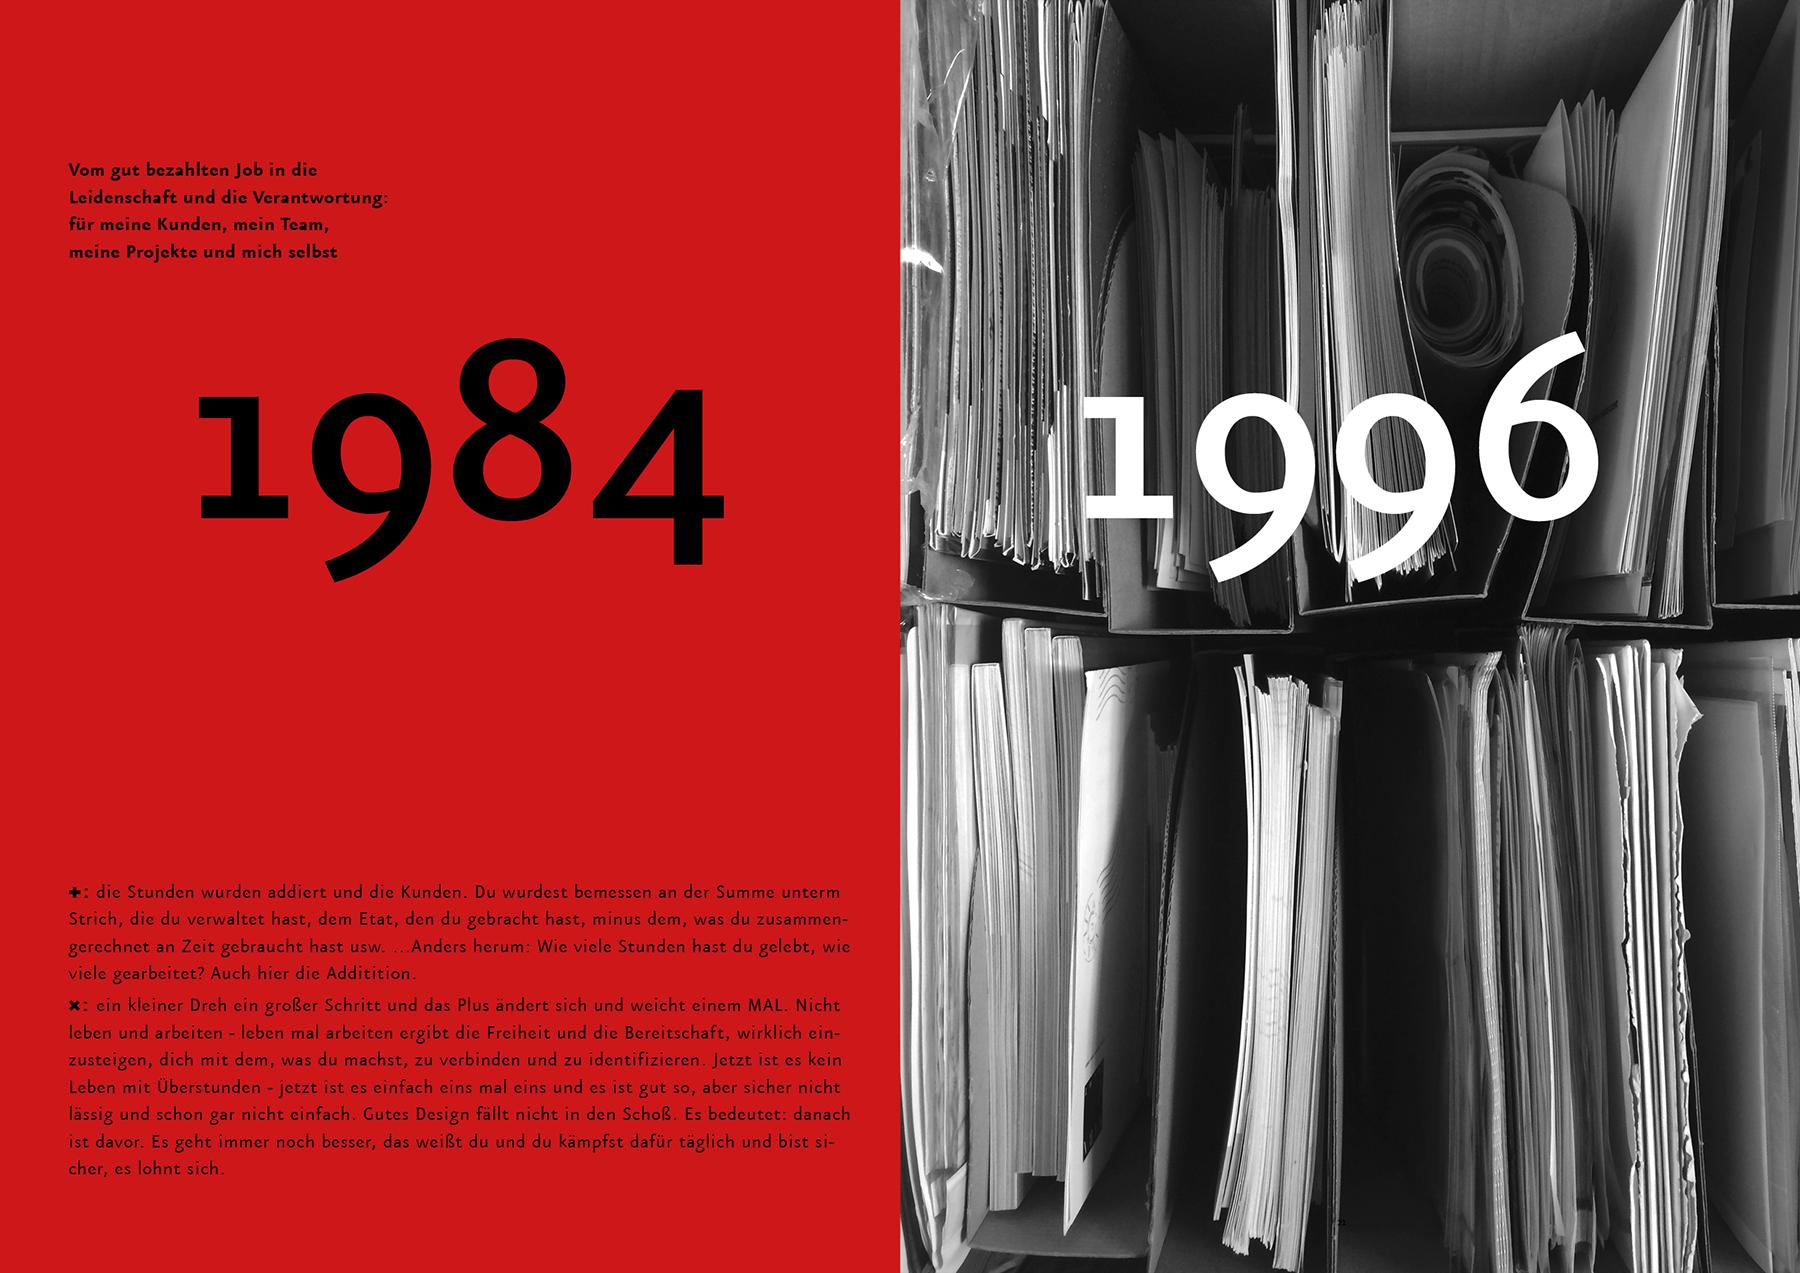 sabine-mescher-sichtung-designbilderbuch-die ersten-jahre.png